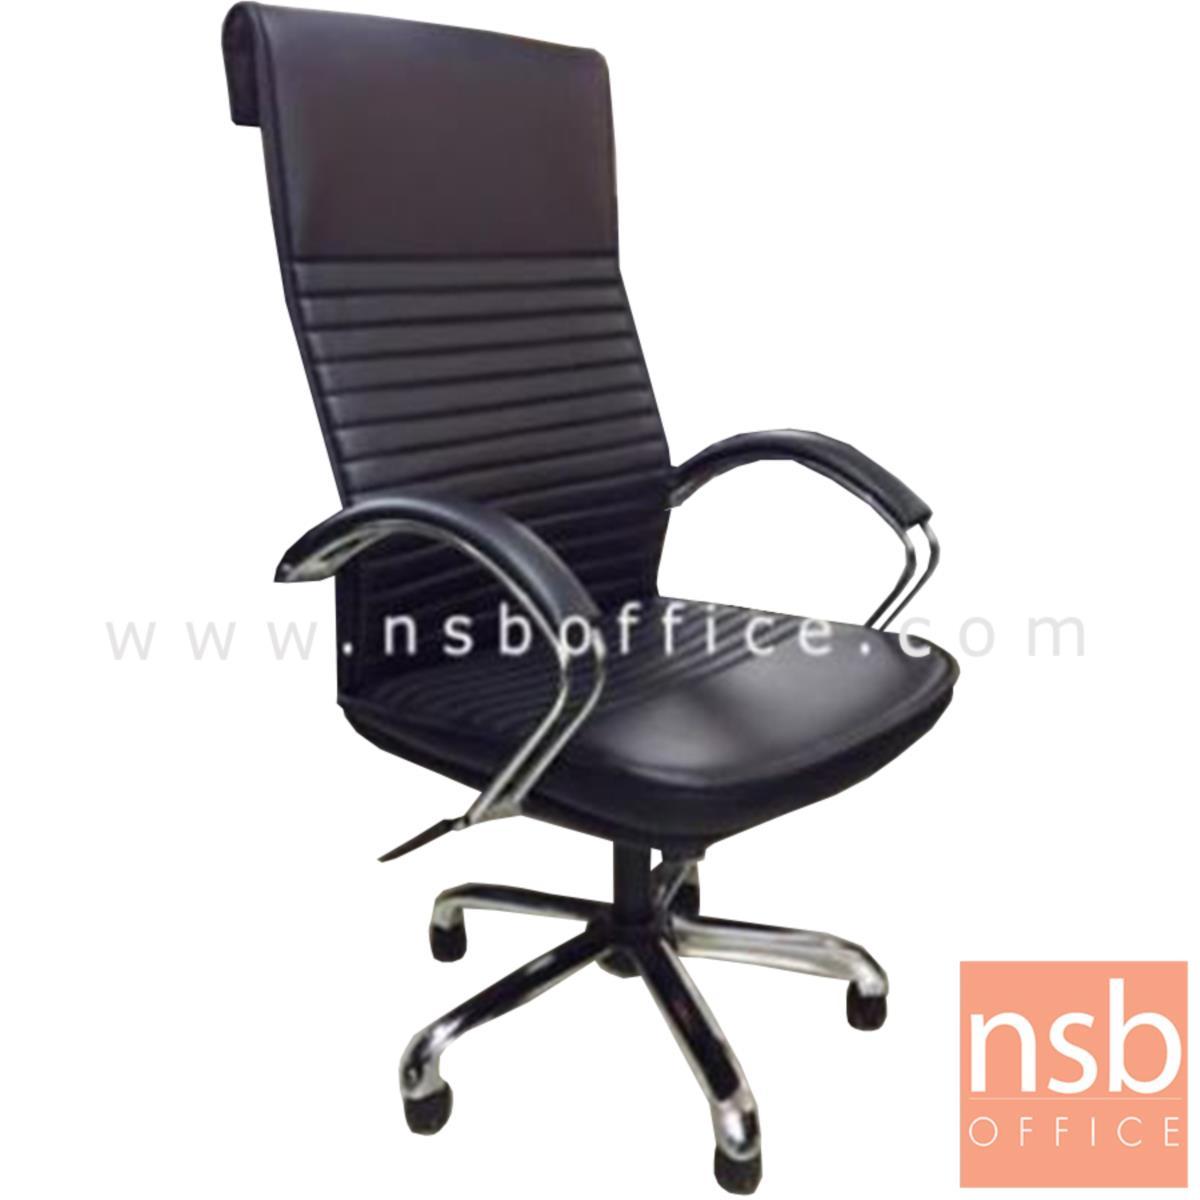 B01A244:เก้าอี้ผู้บริหาร  รุ่น KS-110L   โช๊คแก๊ส มีก้อนโยก ขาเหล็กชุบโครเมี่ยม